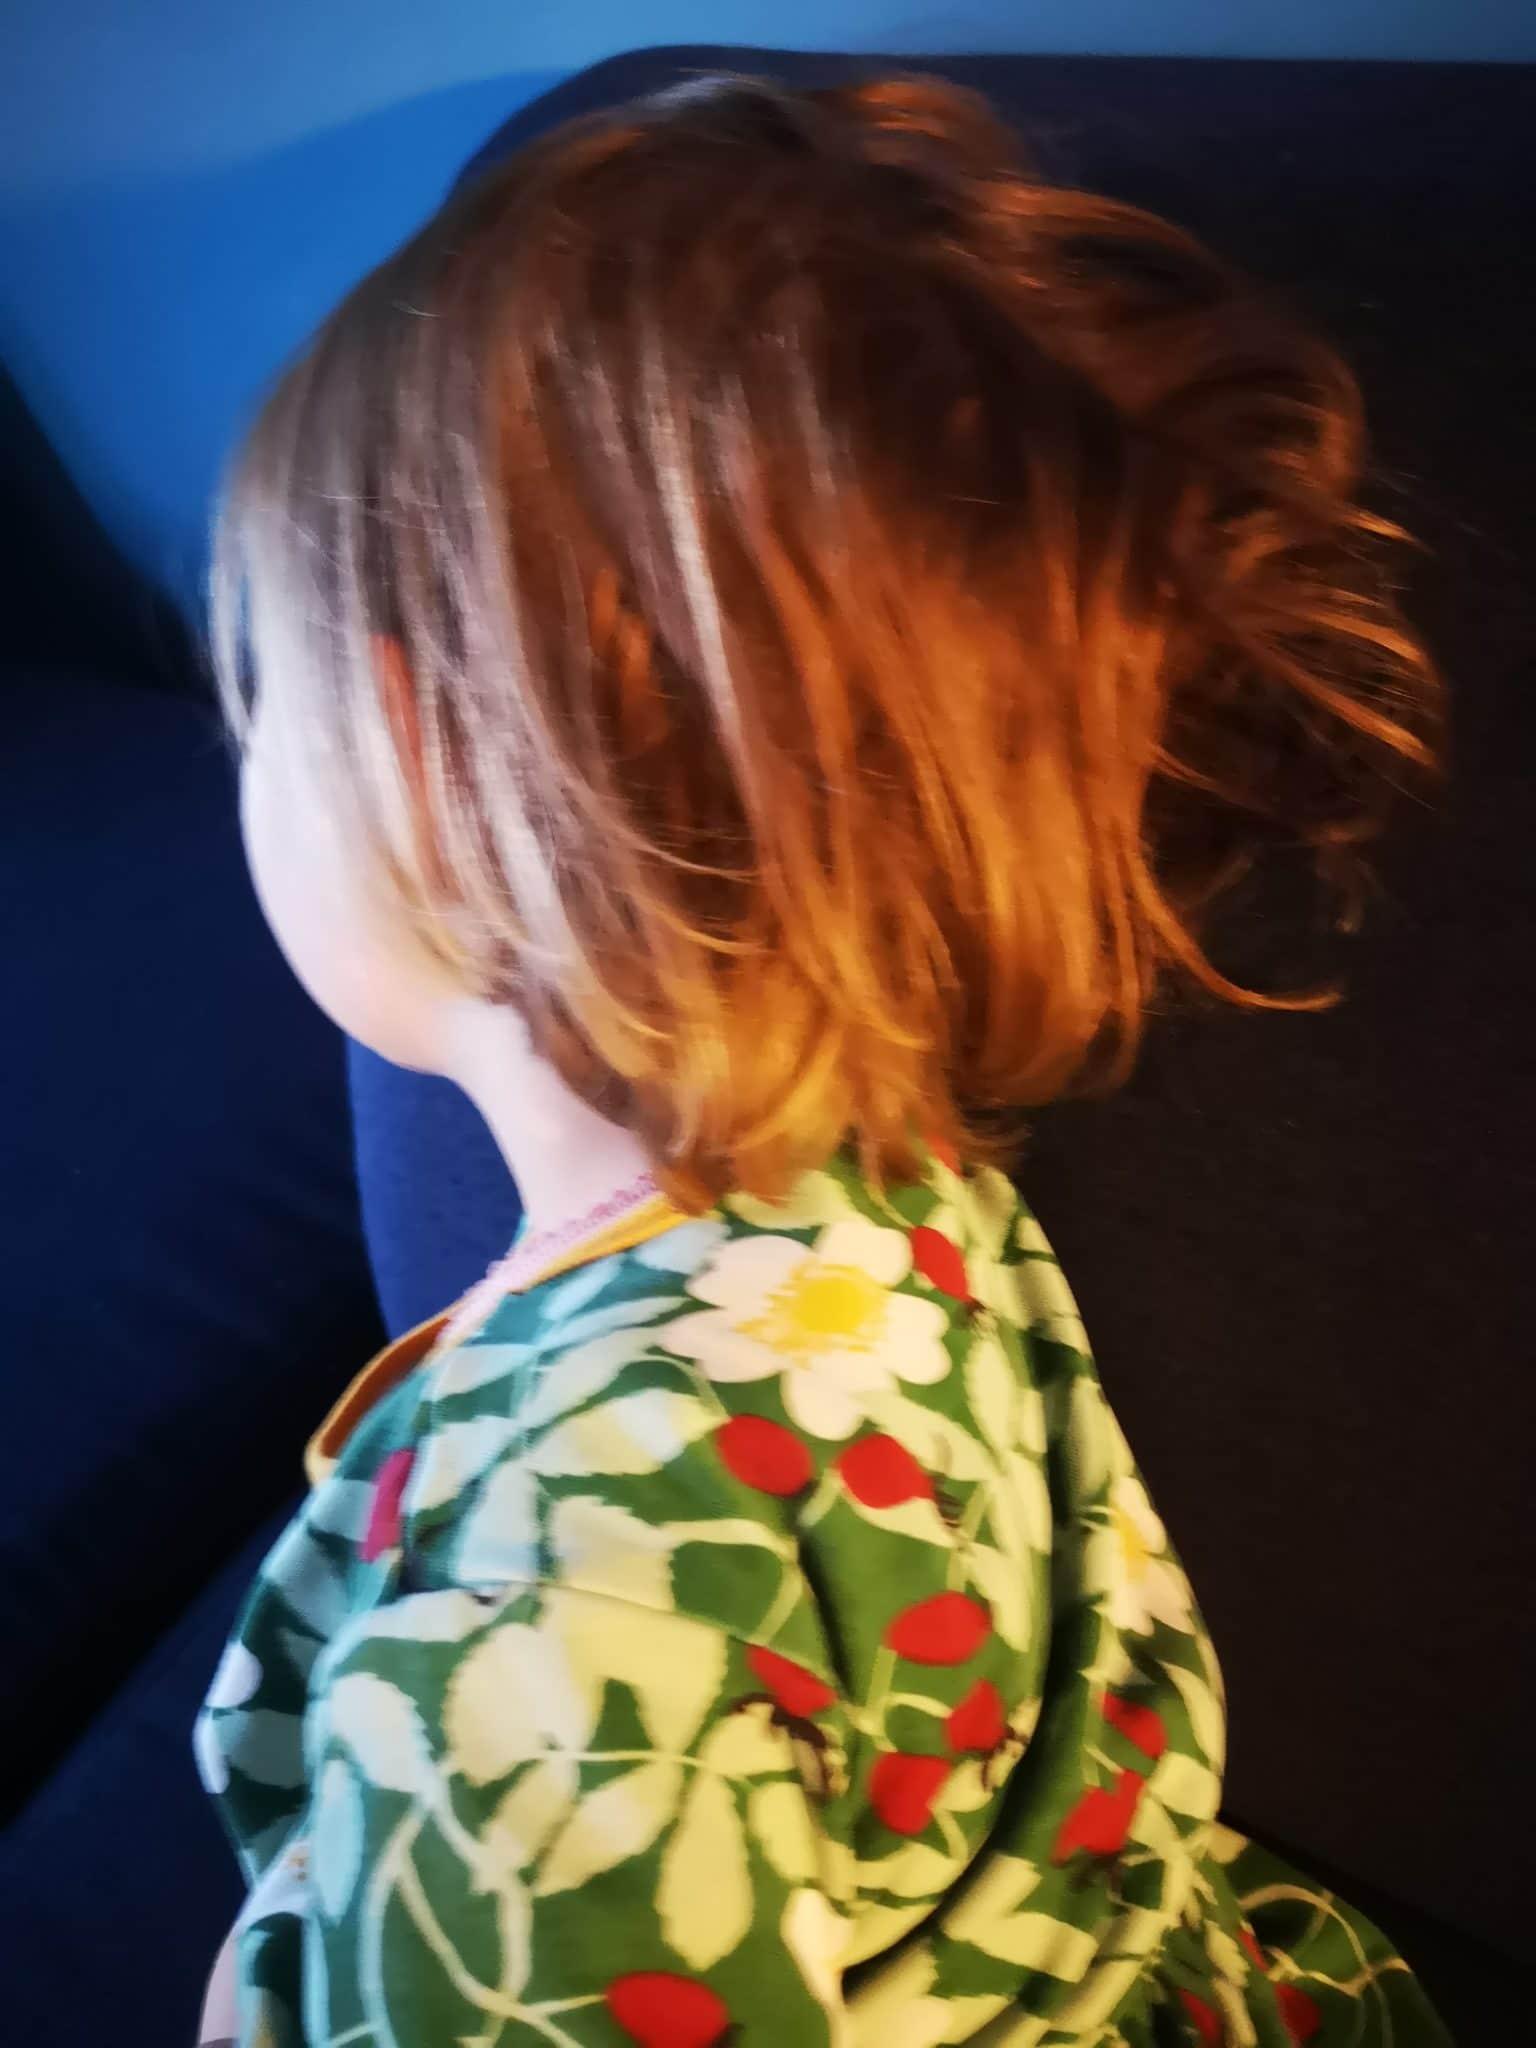 #11 Das kleine Kind kräuselt sich schon wieder die Haare vor Müdigkeit.